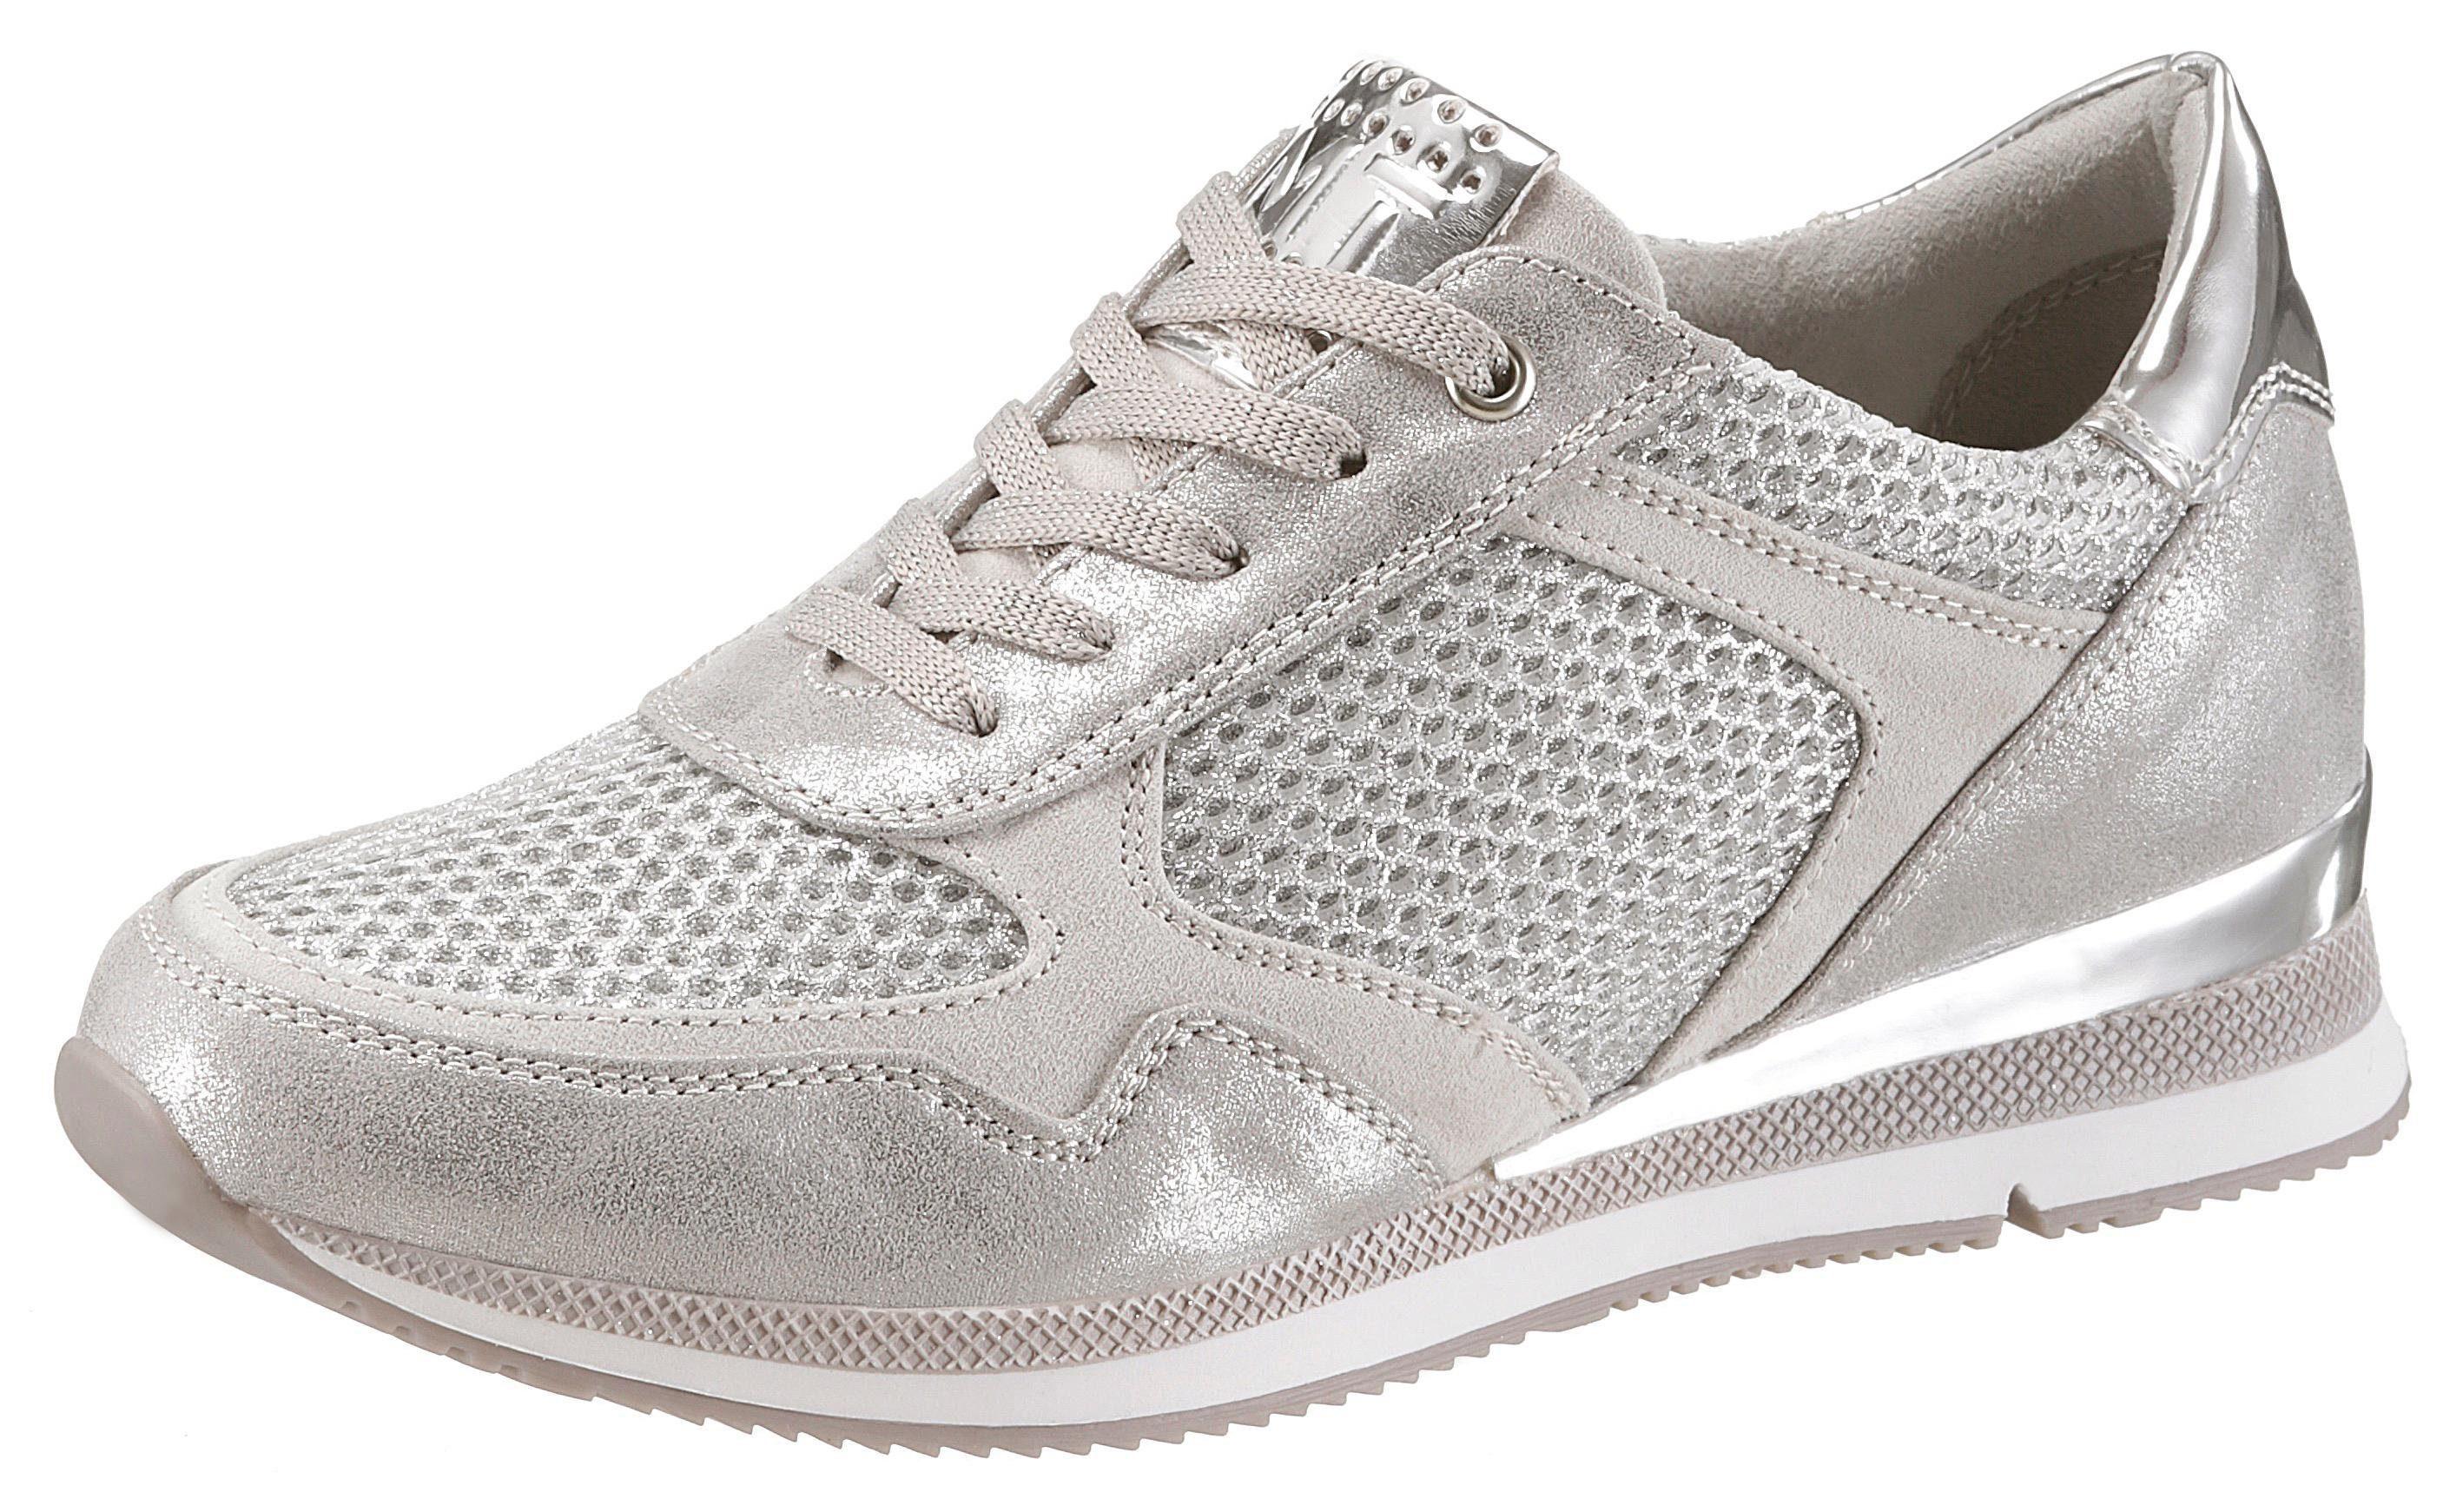 Marco Tozzi Sneaker, aus der TV-Werbung kaufen  silberfarben